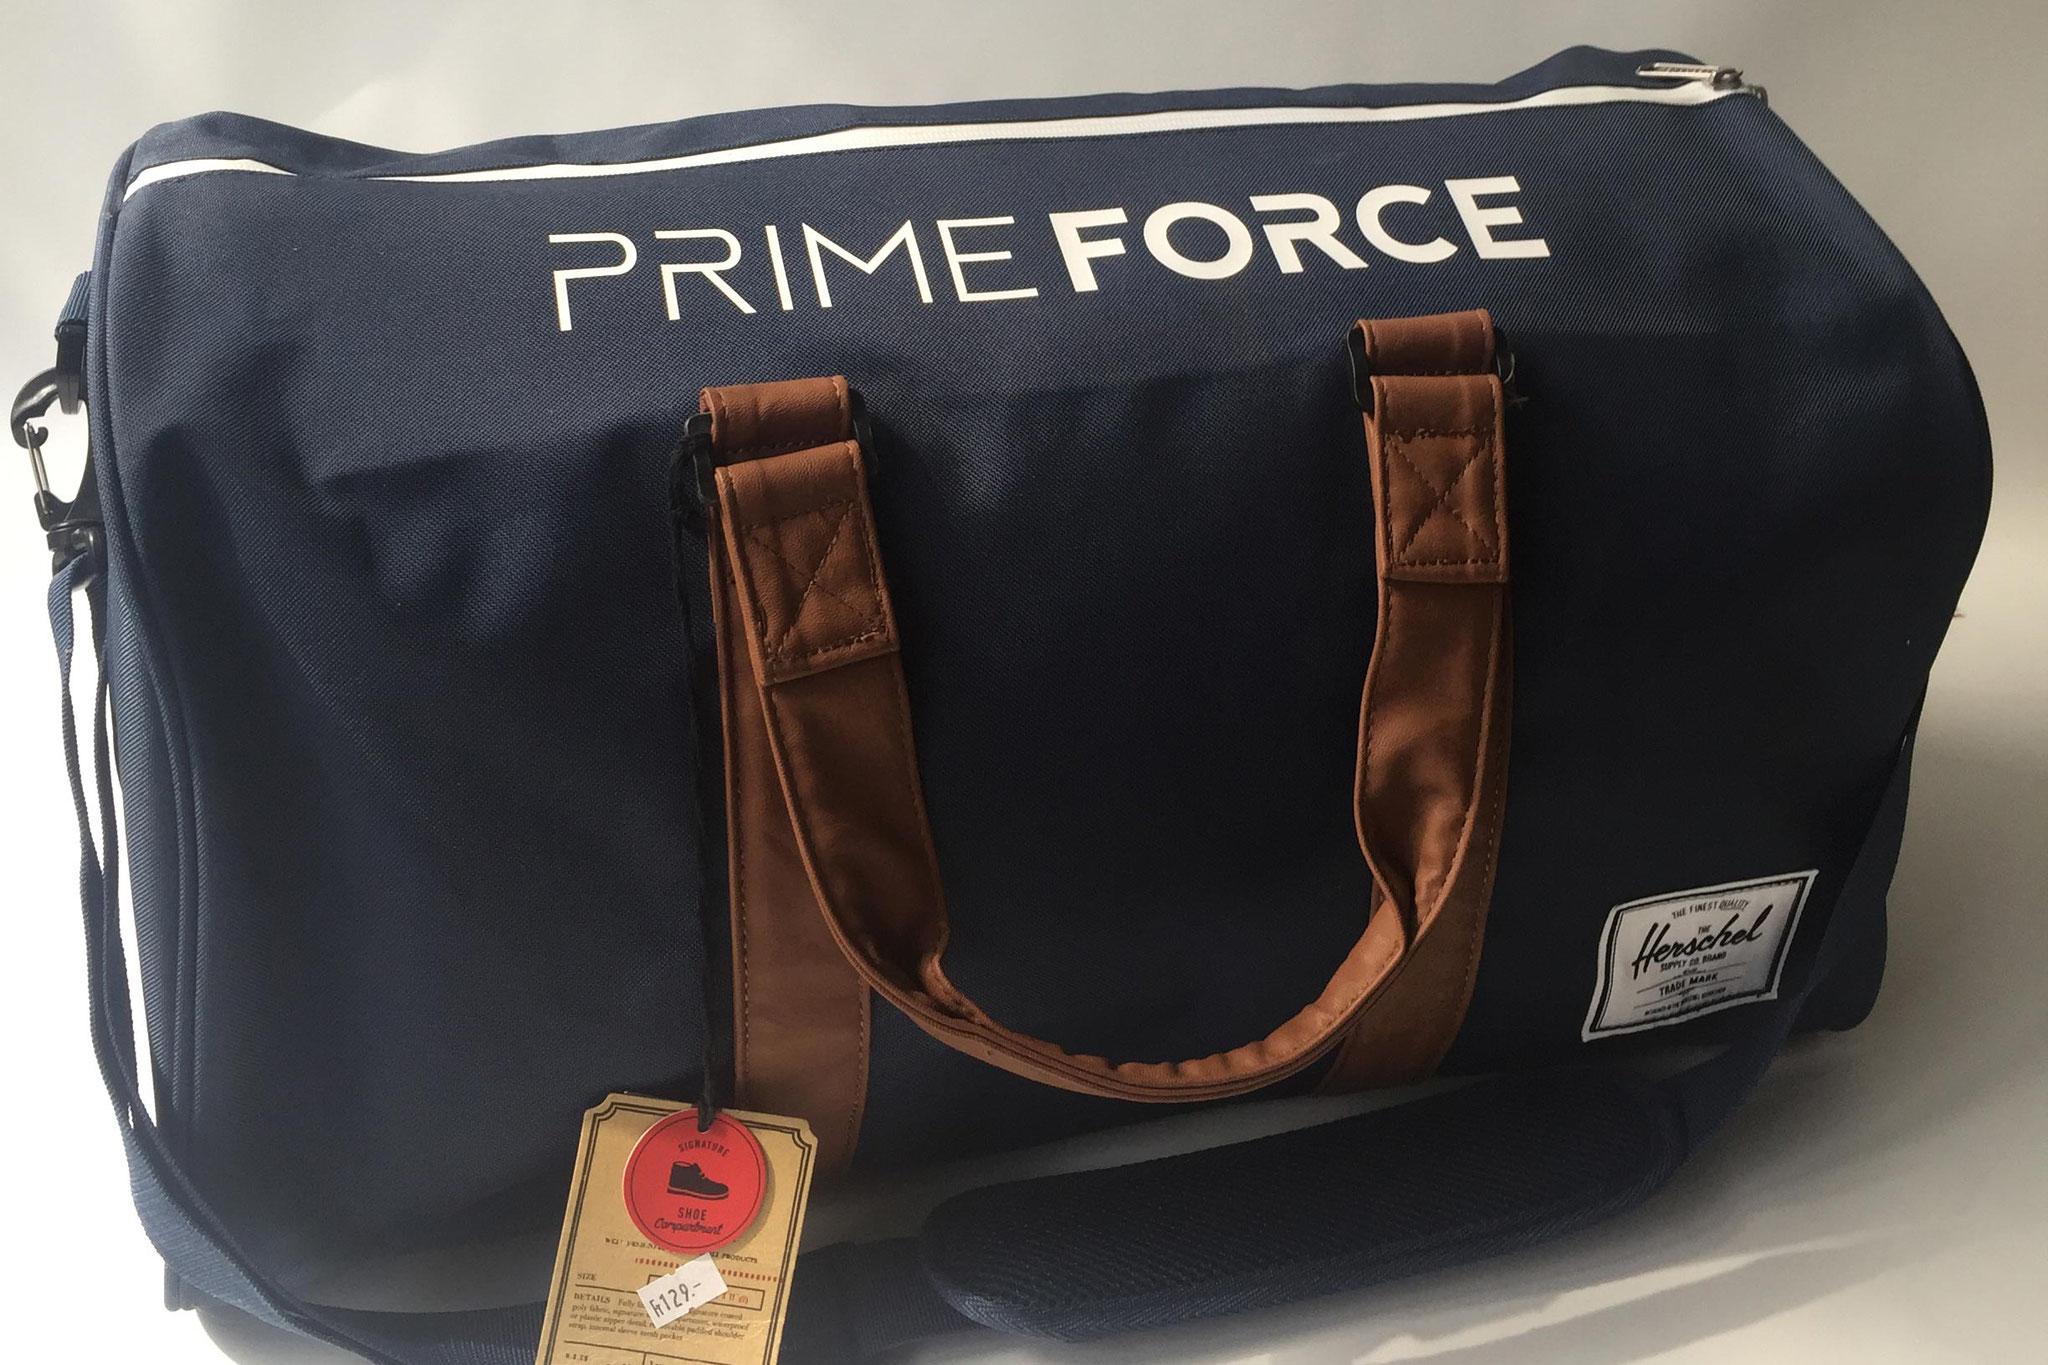 Bedruckte Taschen für PrimeForce